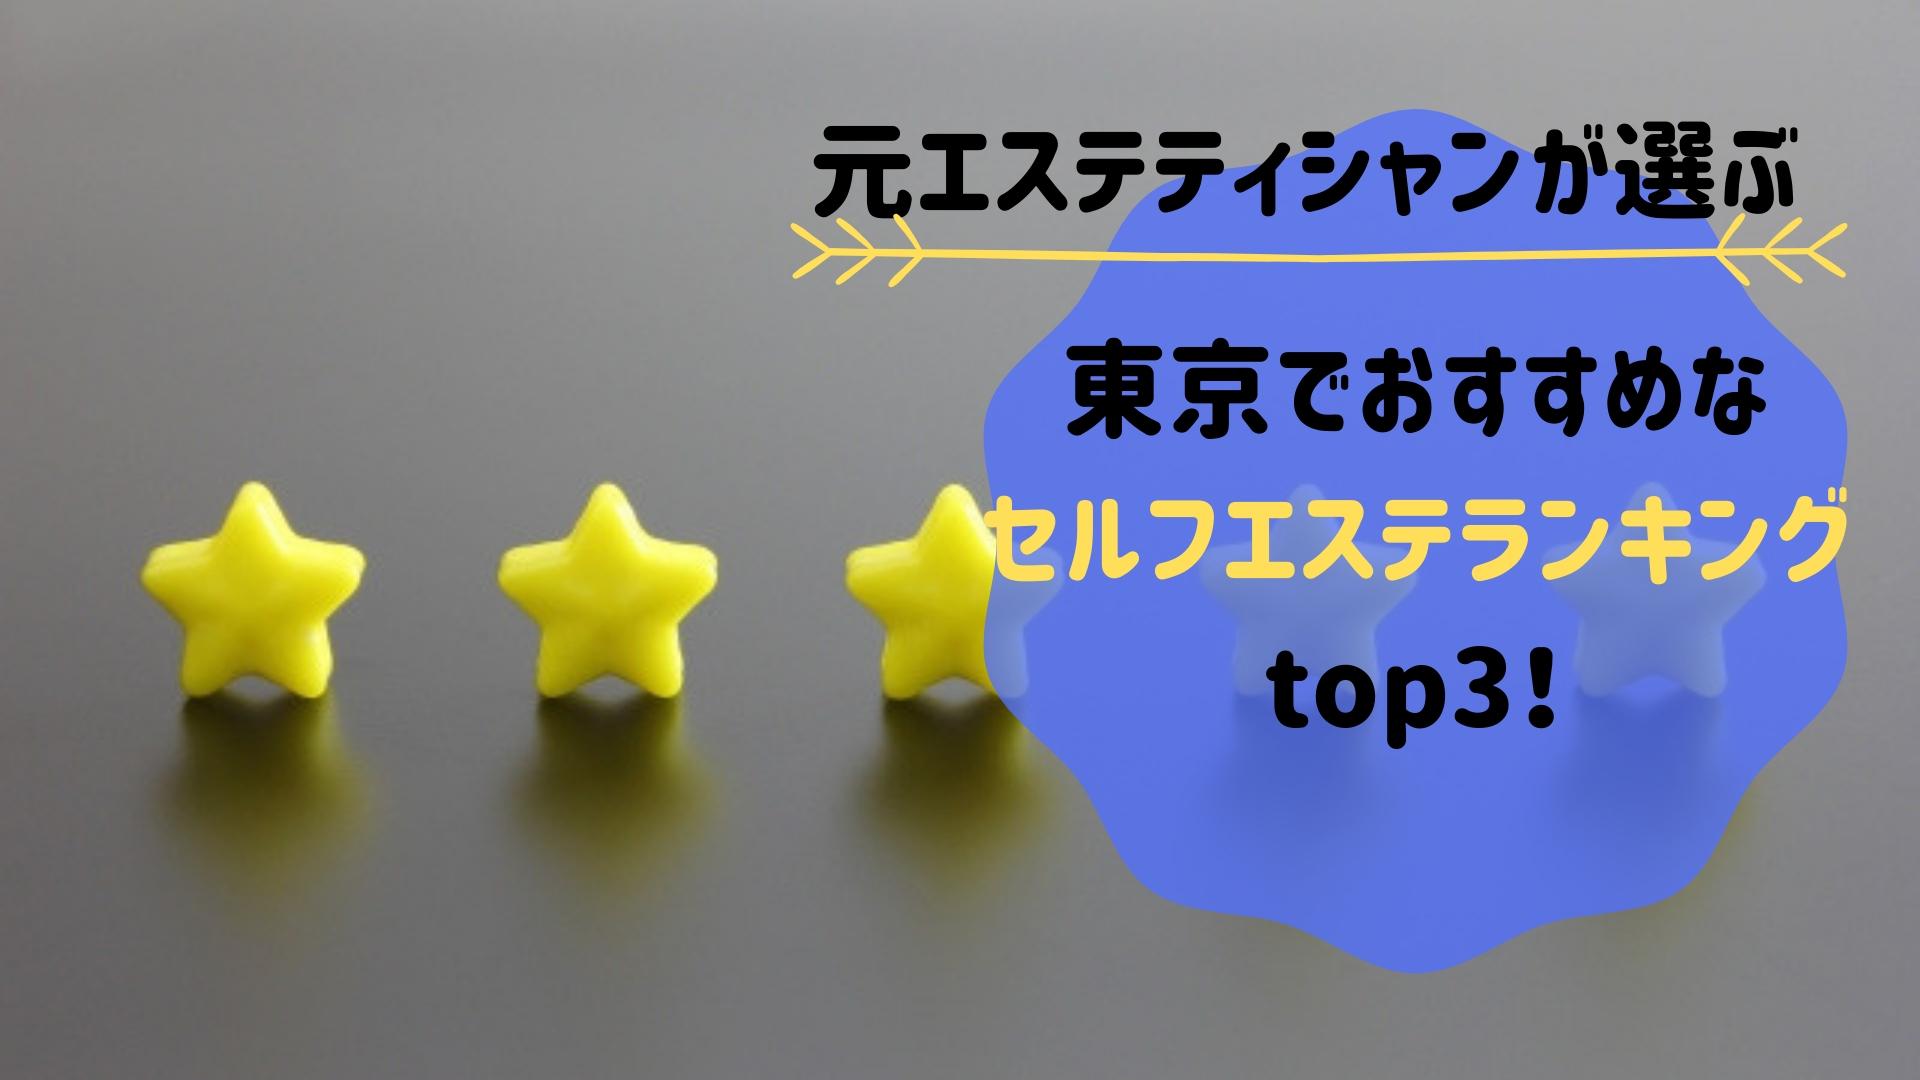 東京でおすすめな セルフエステランキング best3